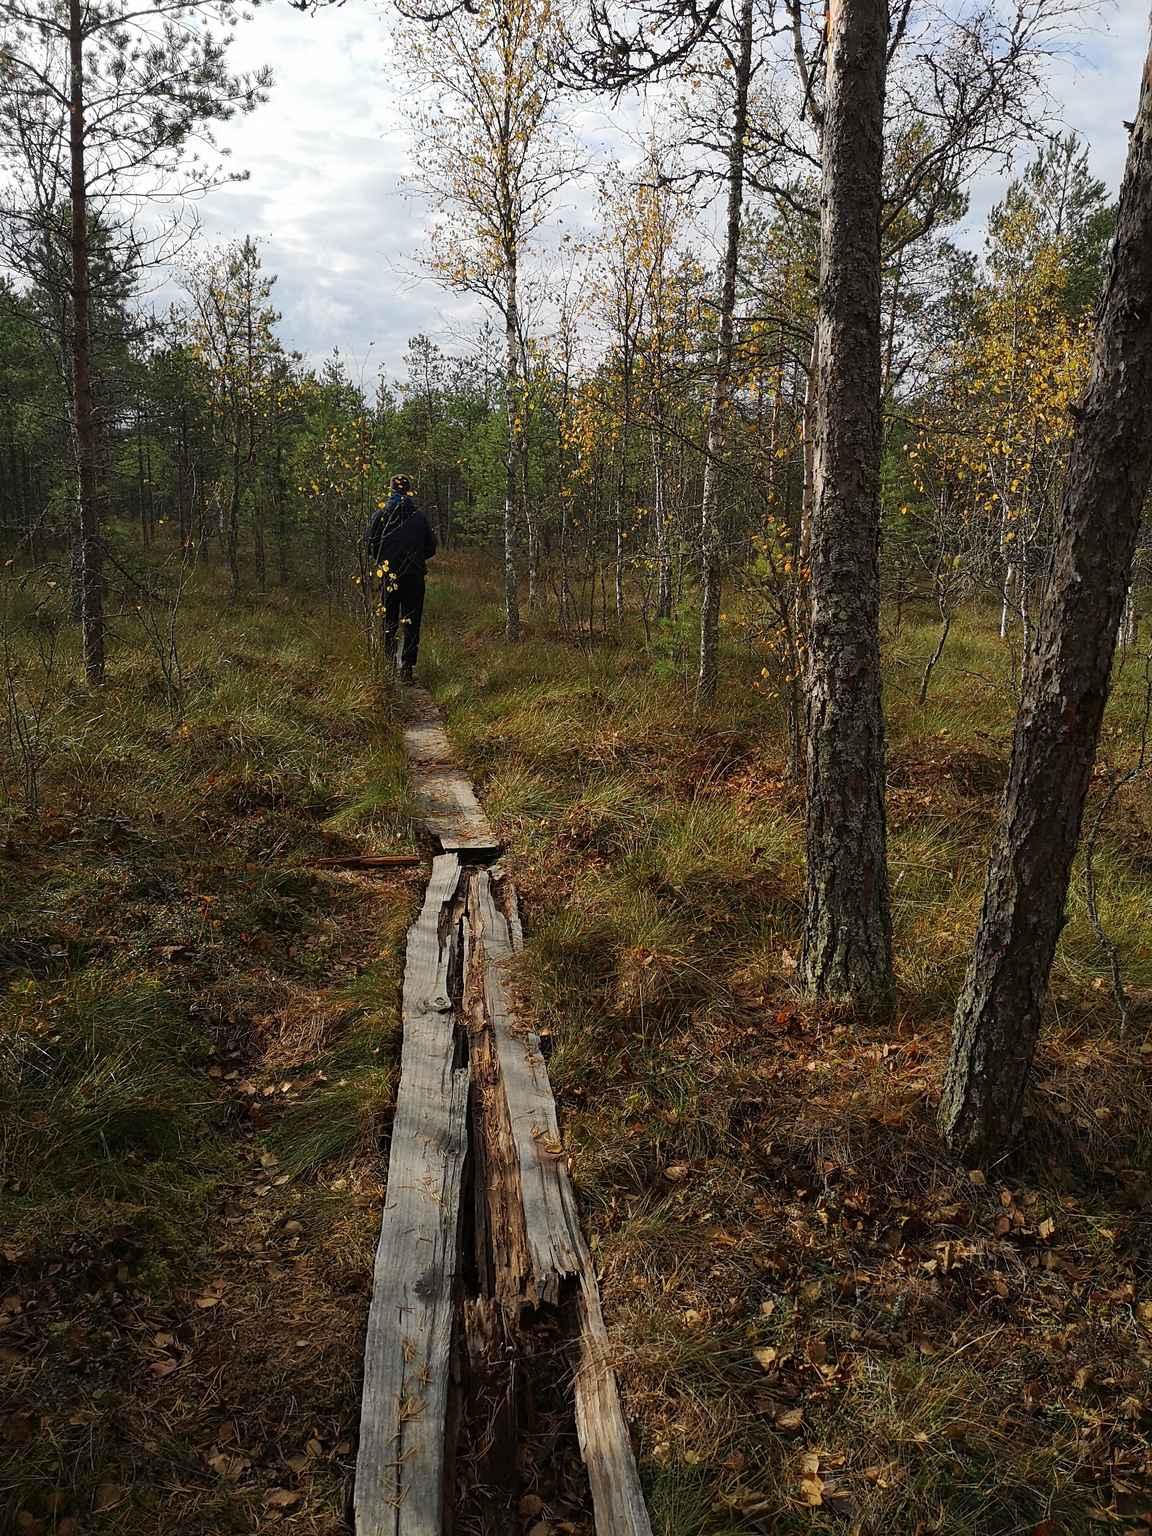 Pitkospuut ovat osin todella huonossa kunnossa, mikä kannattaa huomioida varsinkin märällä kelillä.